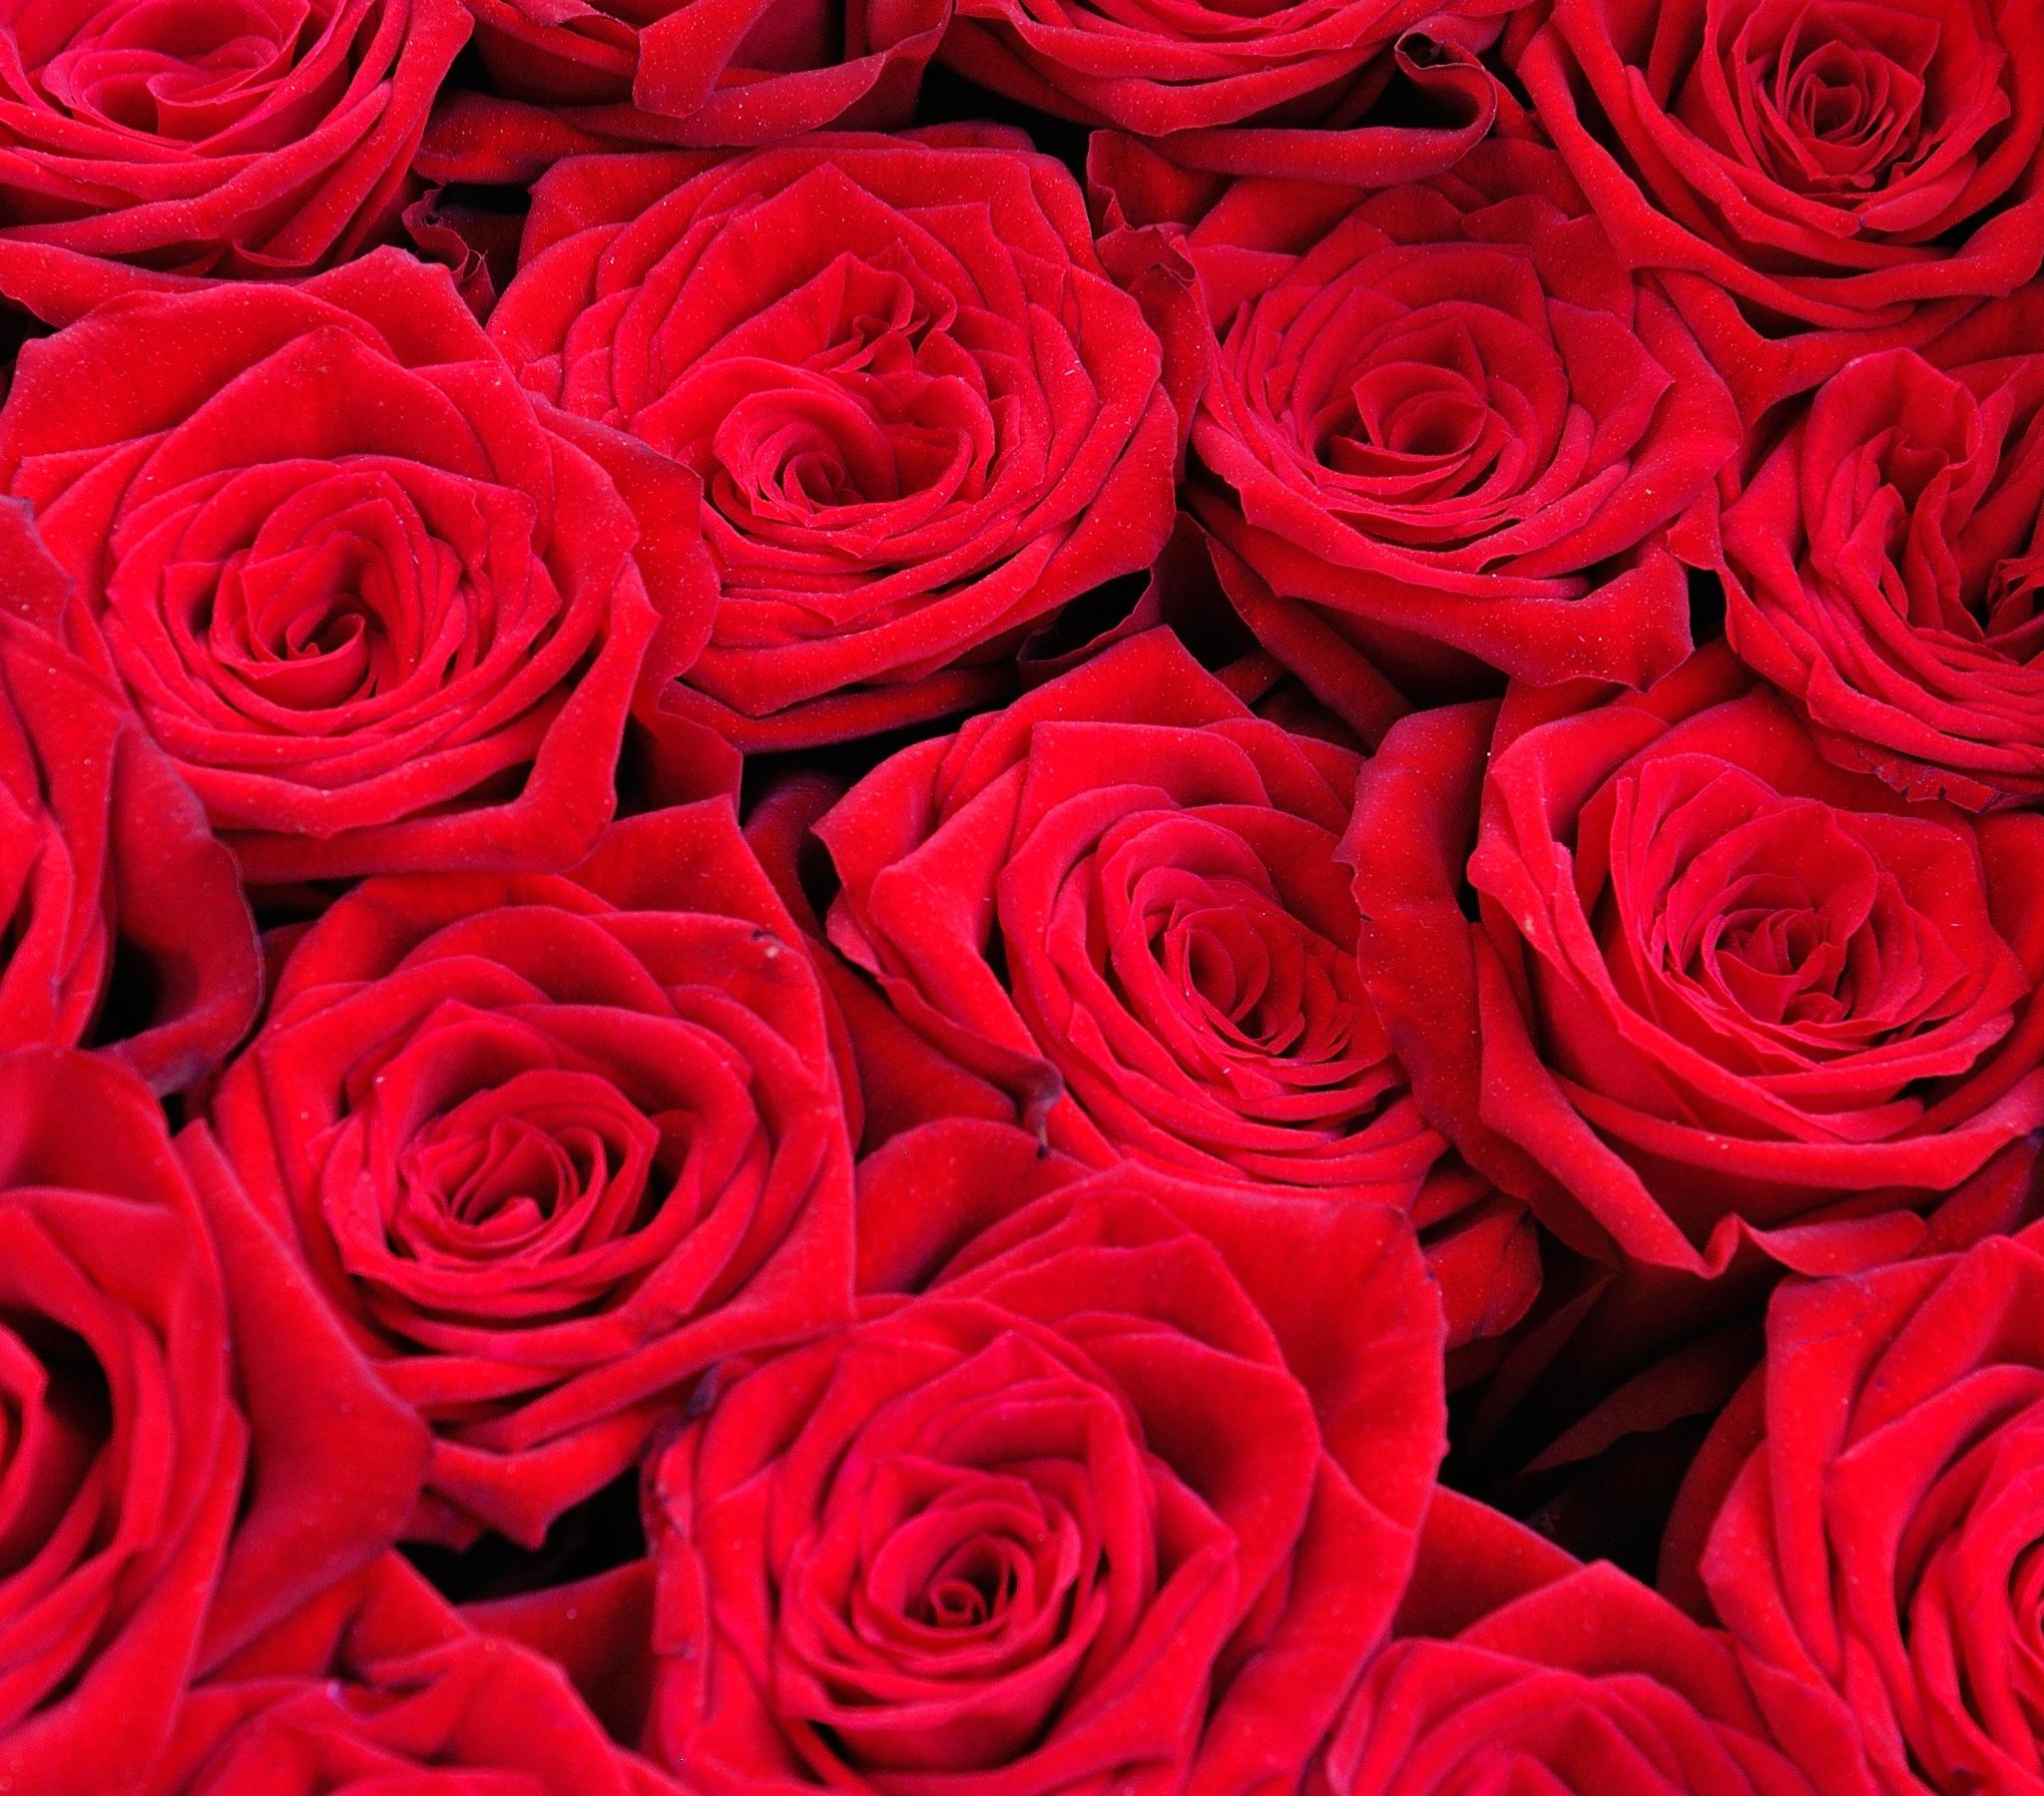 Flowers (59) by Derek Clarke